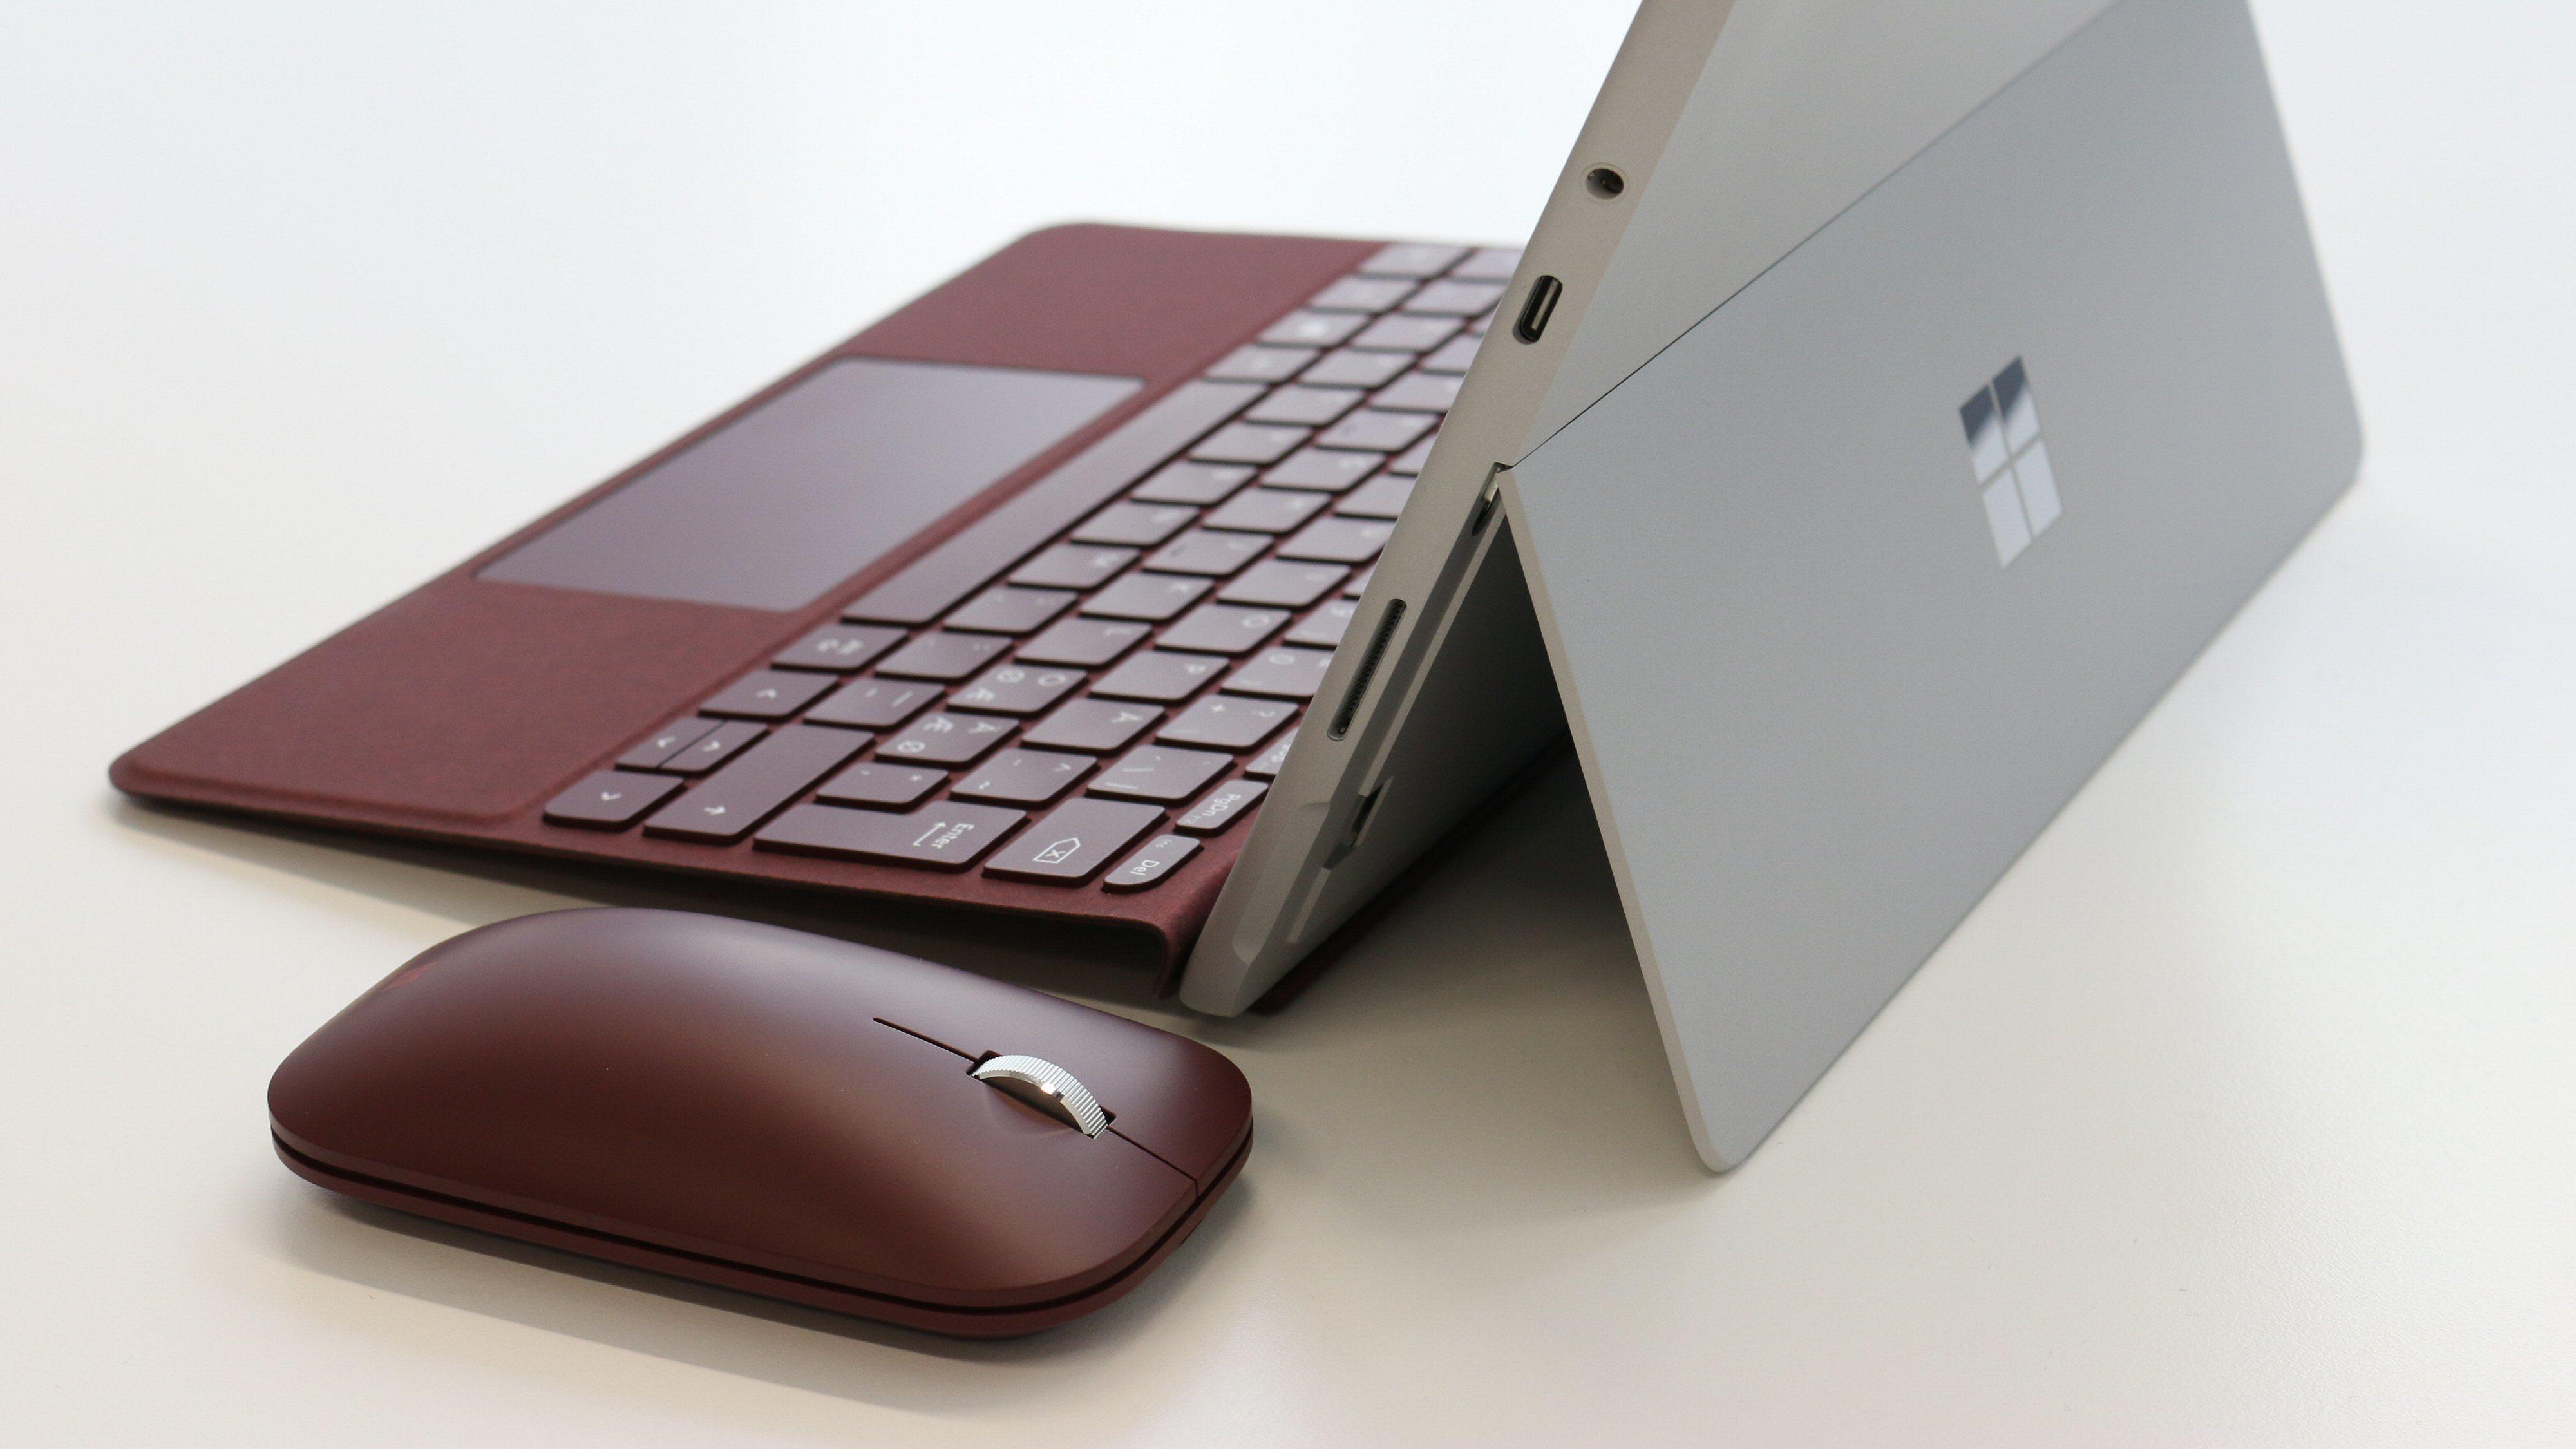 Surface Go 2 og Surface Go har de samme portene: Den proprietære Surface Connect, USB Type-C og minijack for lyd. I tillegg er det plass til et microSD-minnekort bak støttebeinet.